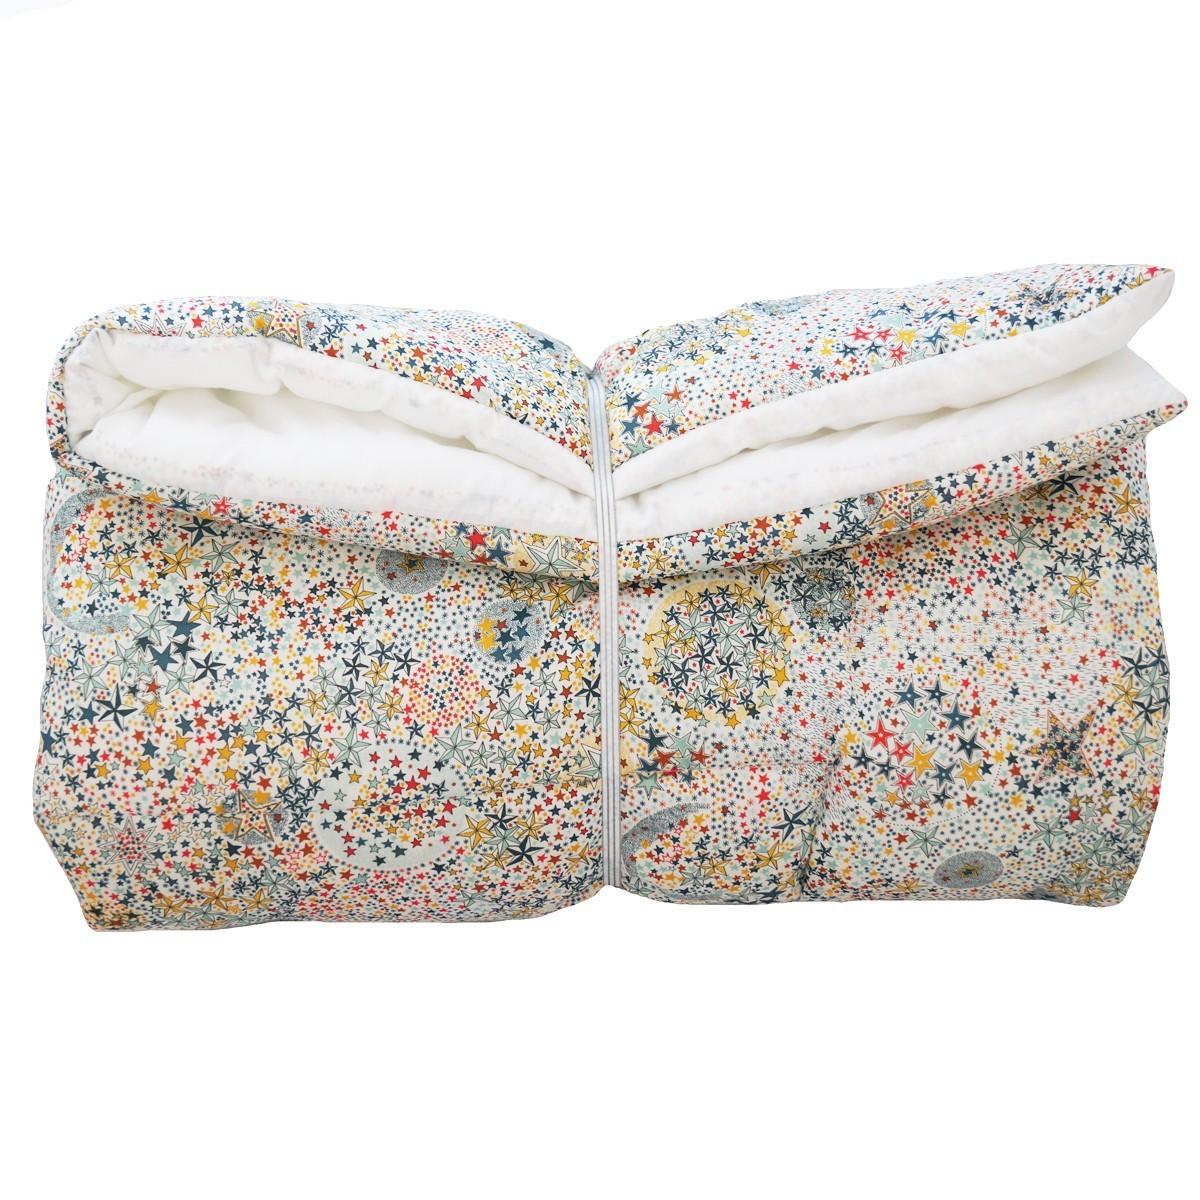 couverture pour b b en liberty toiles multicolores cadeau de naissance. Black Bedroom Furniture Sets. Home Design Ideas